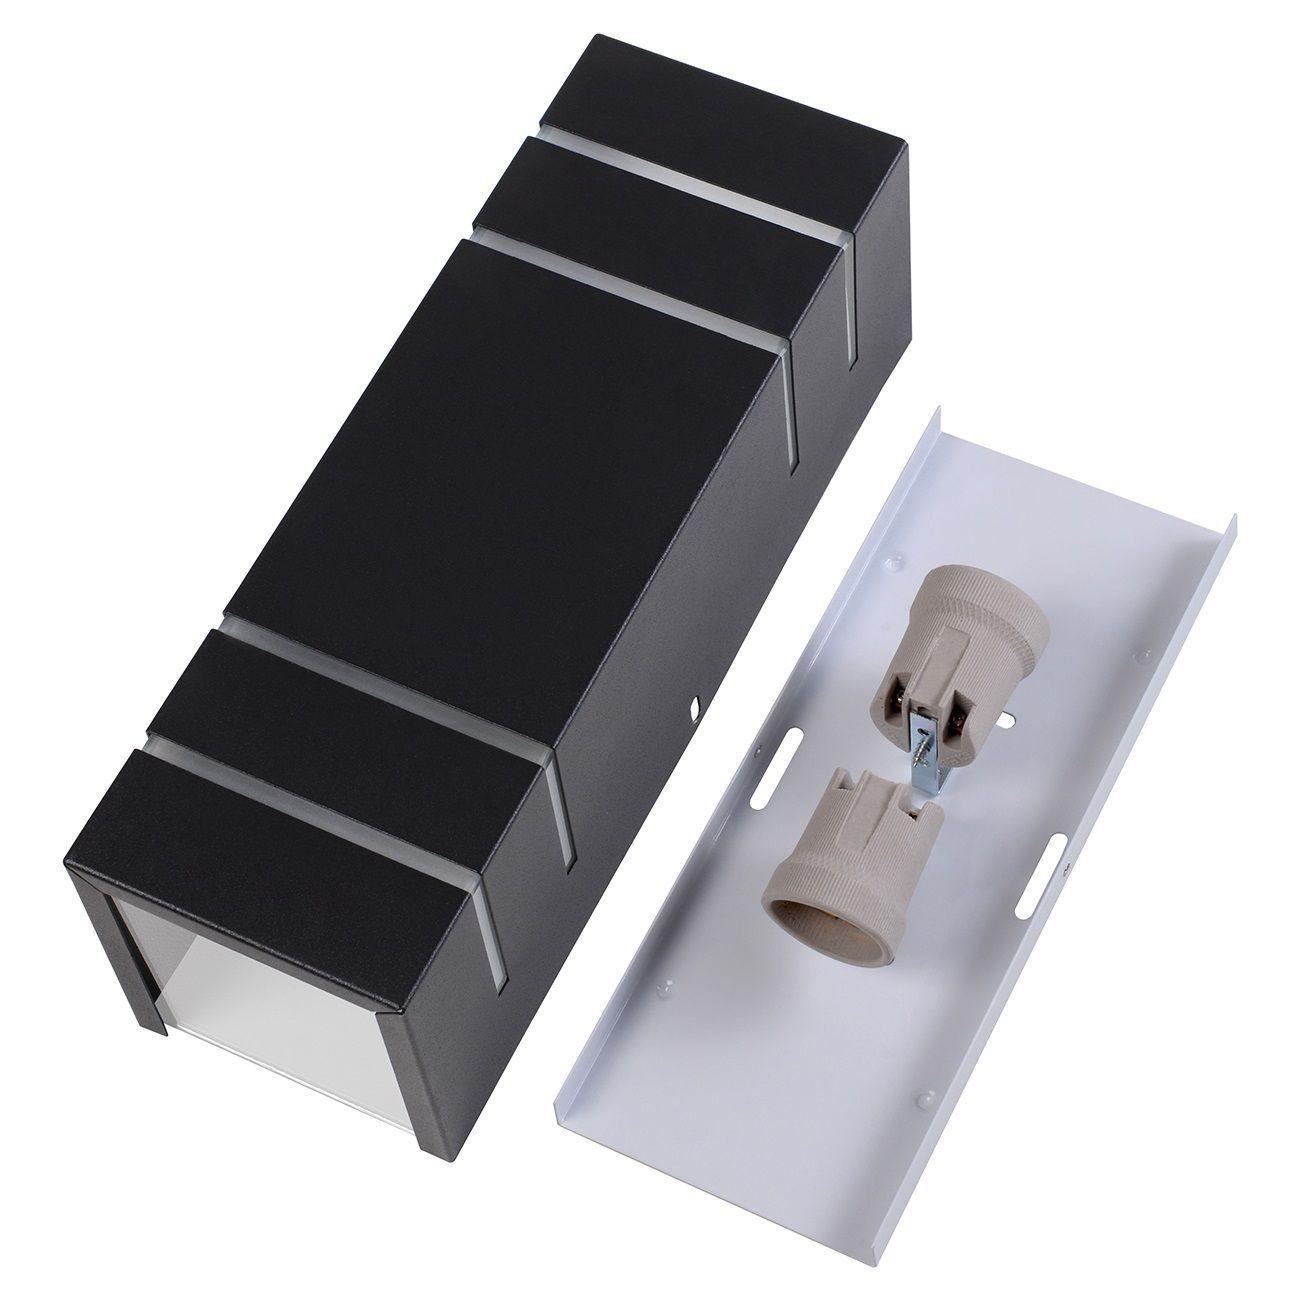 Arandela Retangular 4 Frisos Externa Interna Muro Parede Alumínio Preto - Rei da Iluminação